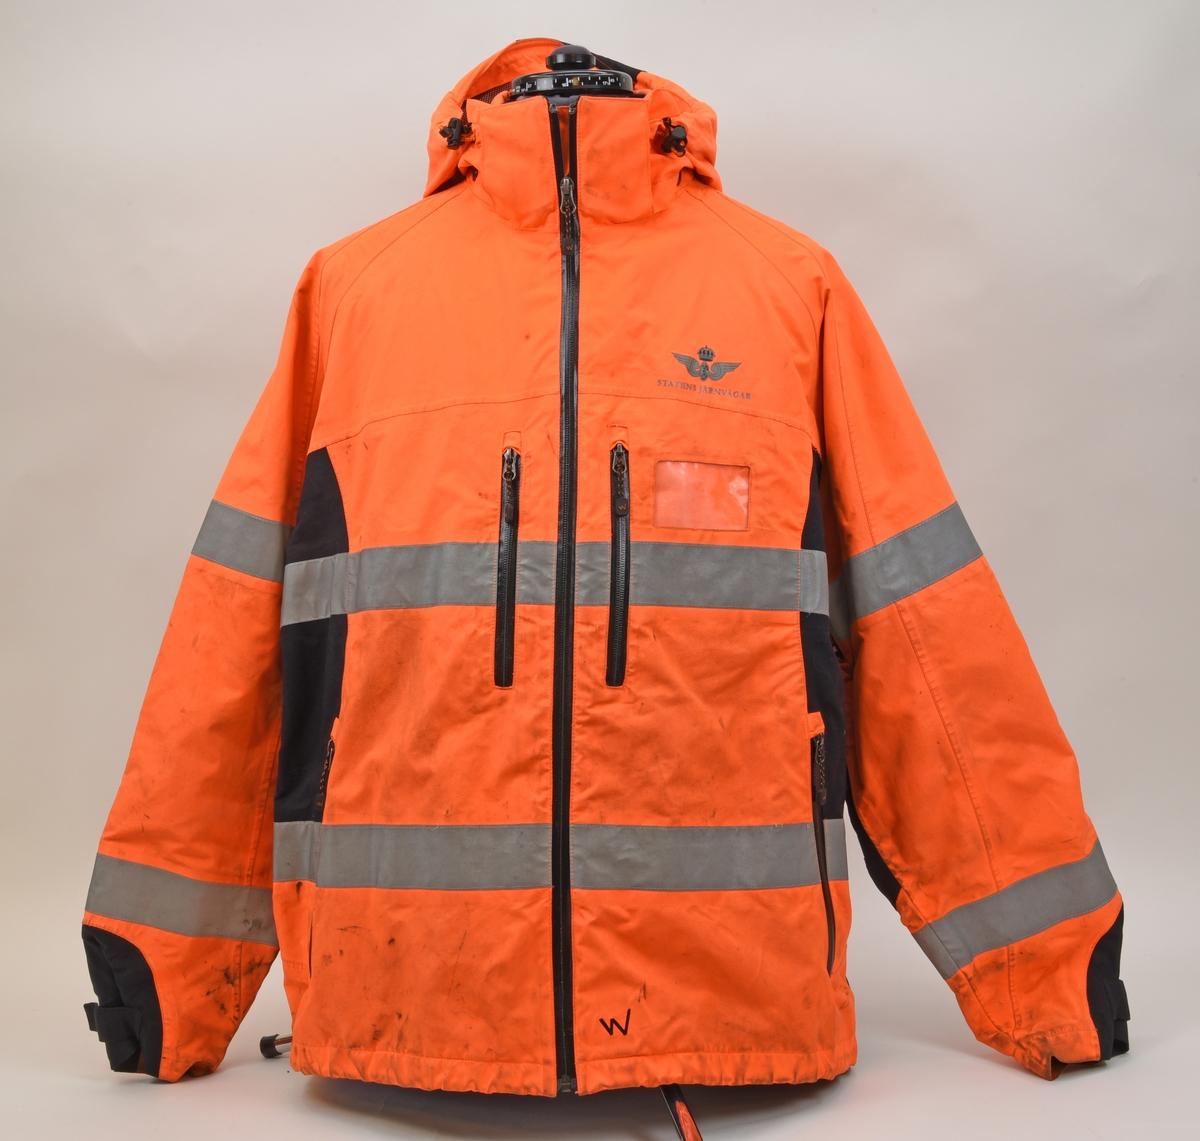 En arbetsjacka, varseljacka, storlek XL. Jackan är orange-aktig i färgen (typiska varselfärgen) och har två  reflexlinjer som går runt hela jackan. På slitytor som armbågar och rumpa har jackan svart textil. Jackan har tre dragkedje försedda fickor på utvändigt.